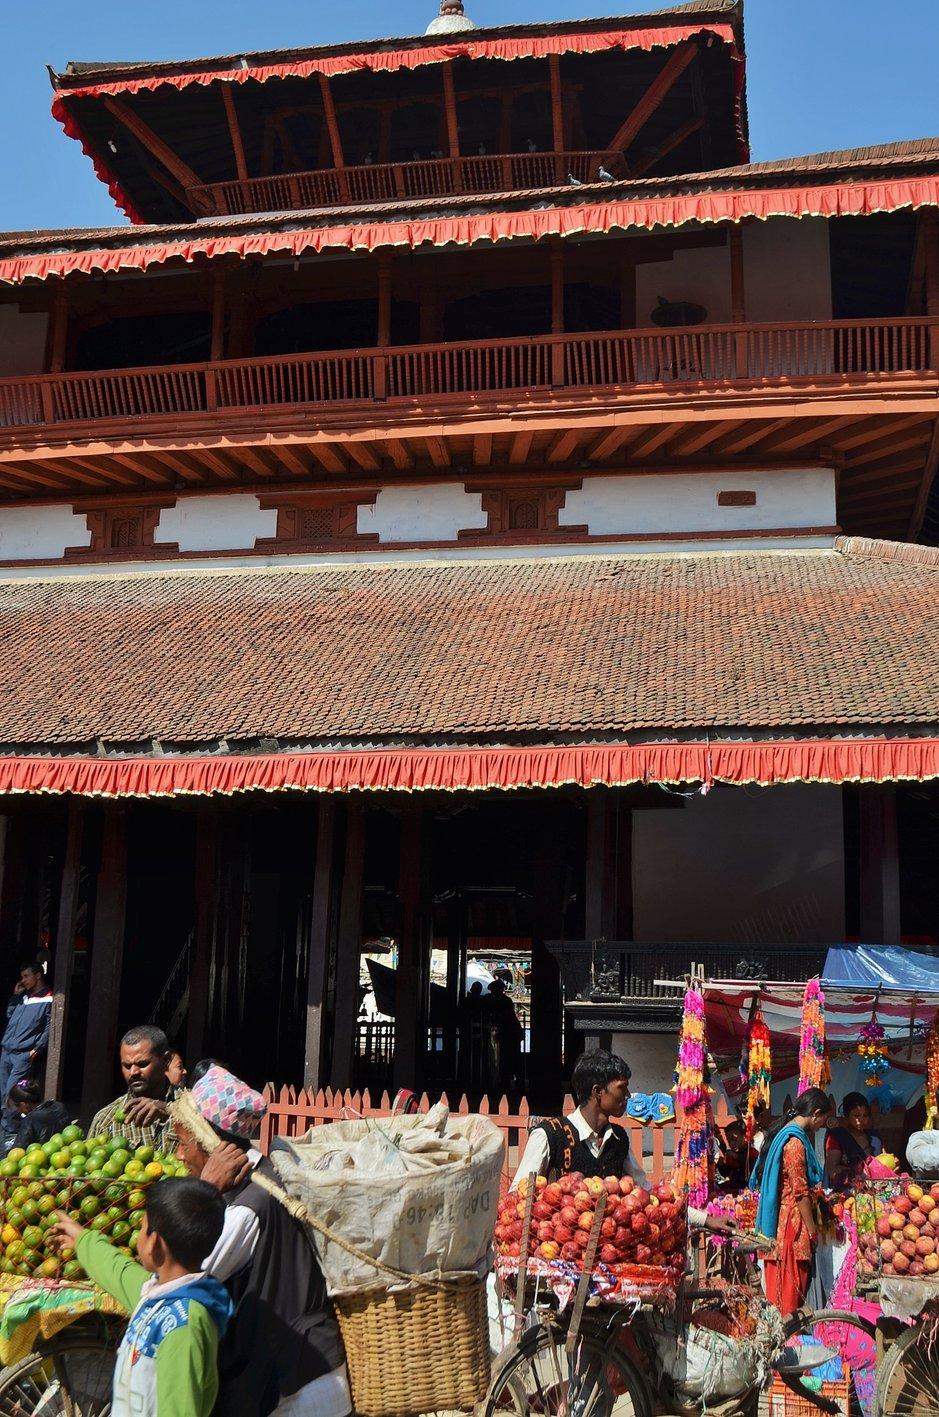 Kasthamandapin temppeli Katmandun keskustassa tuhoutui täysin. Kuva: Reijo Härkönen)